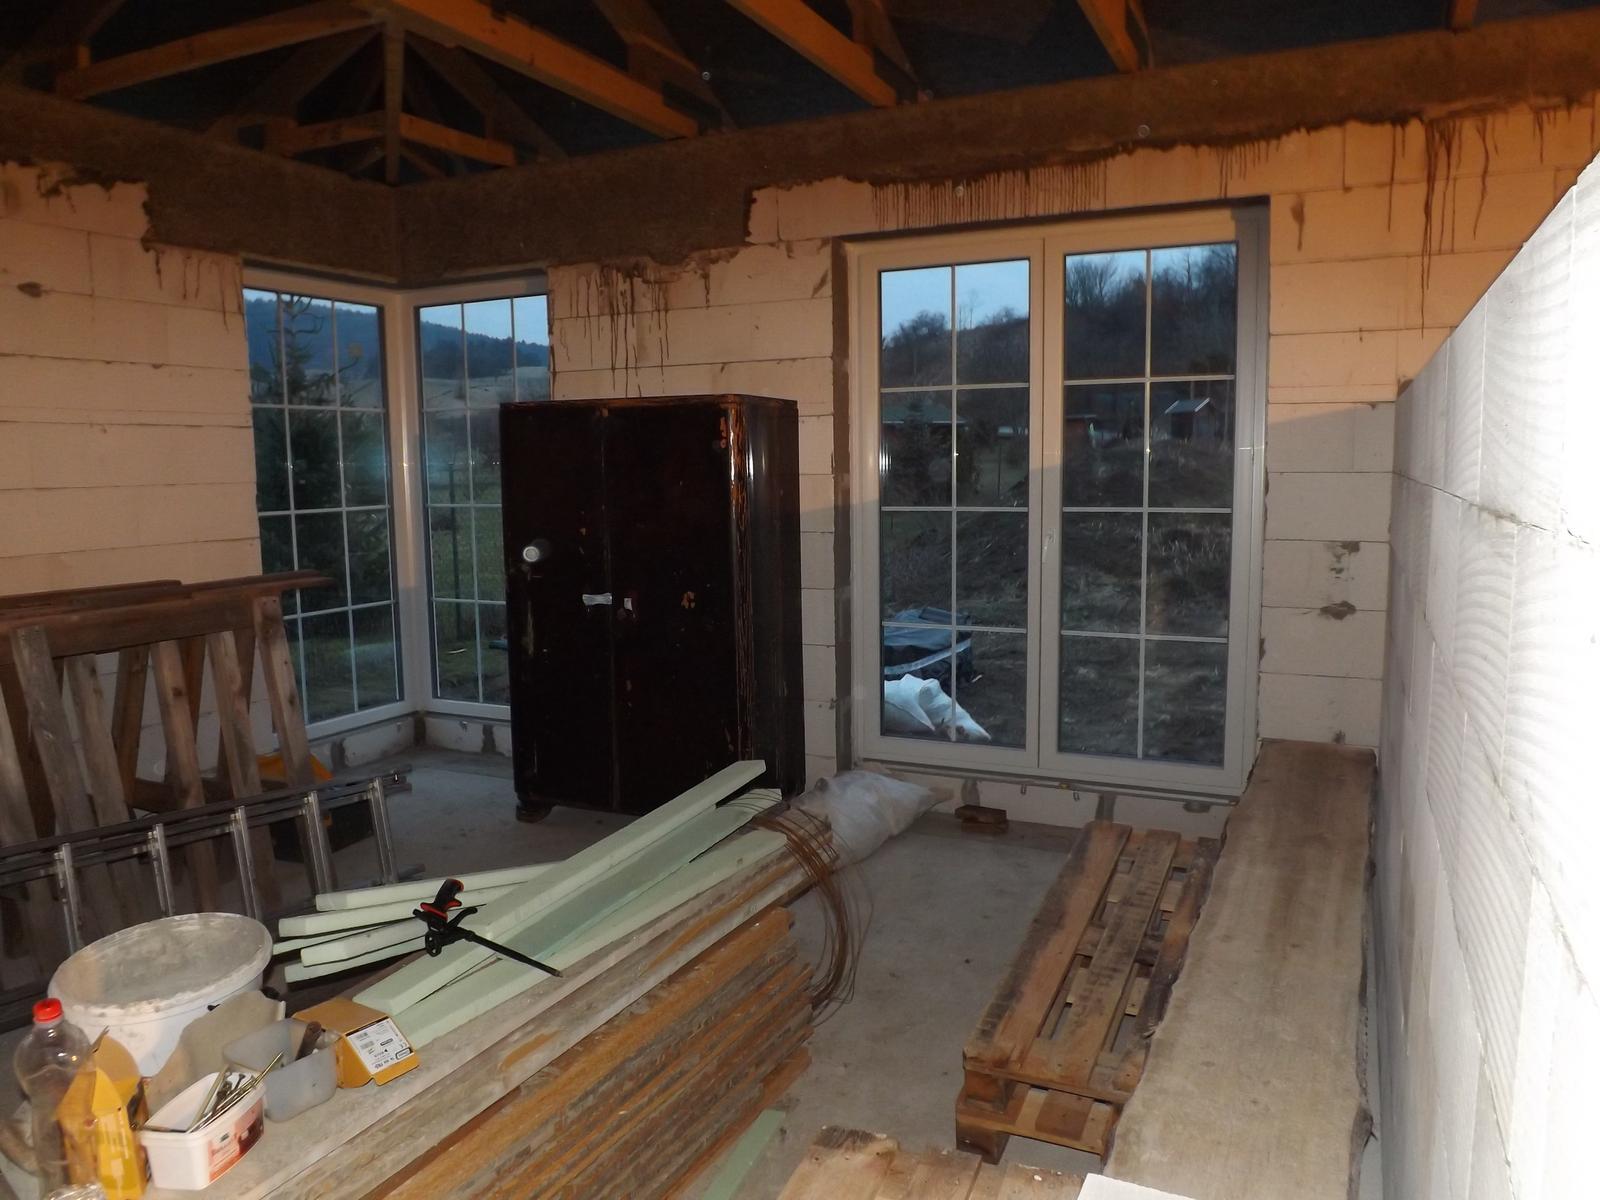 Náš nový domov - obývačka už aj s nejakým nábytkom :-D